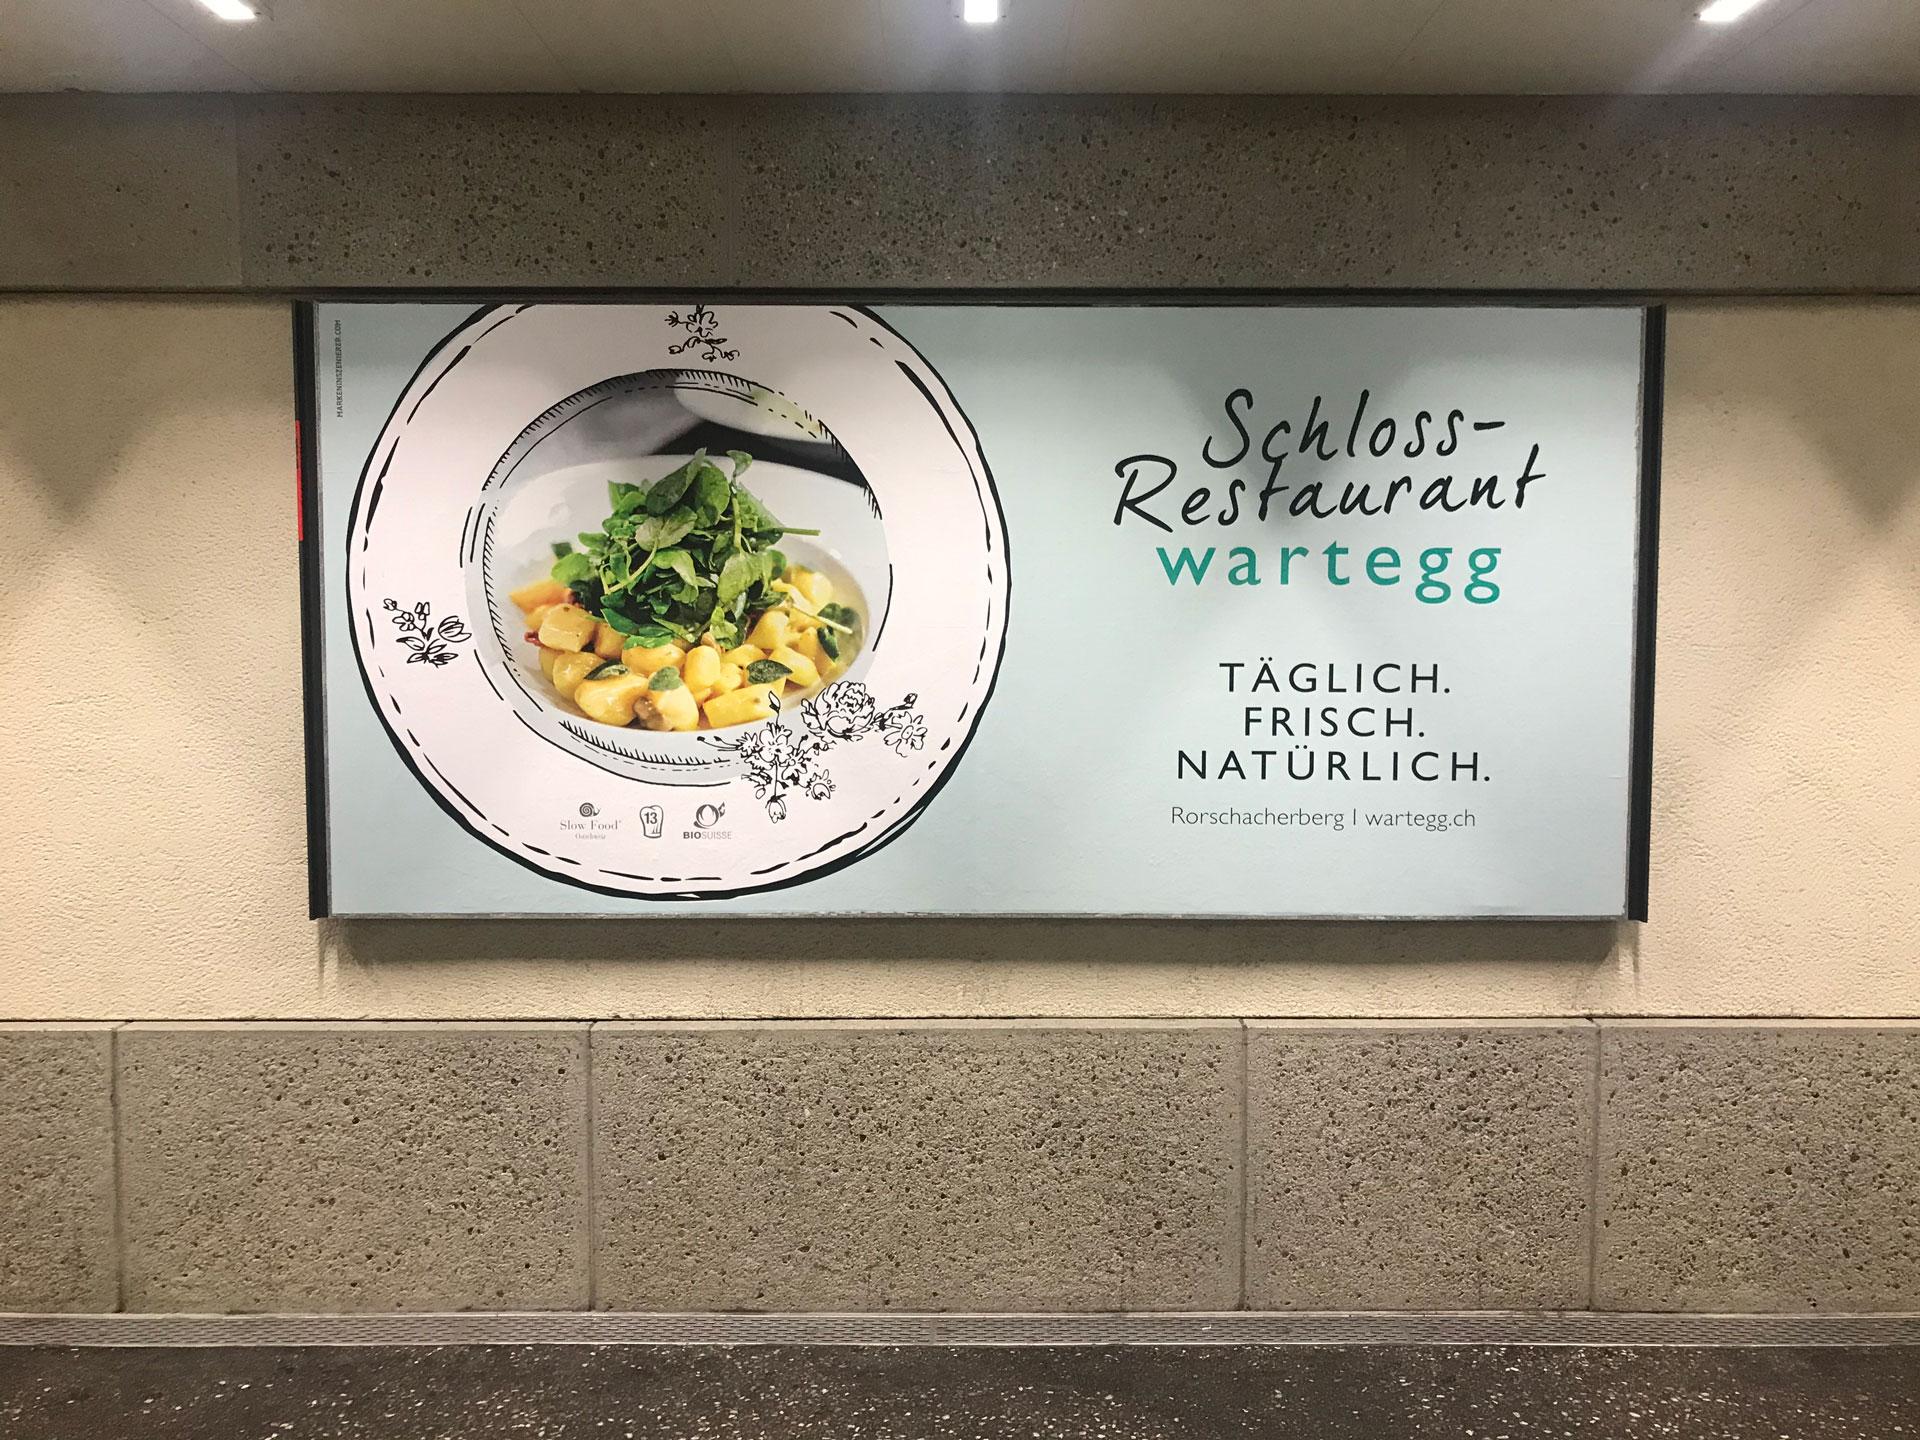 Wartegg_BewerbungRestaurant_Plakatkampagne2.jpg